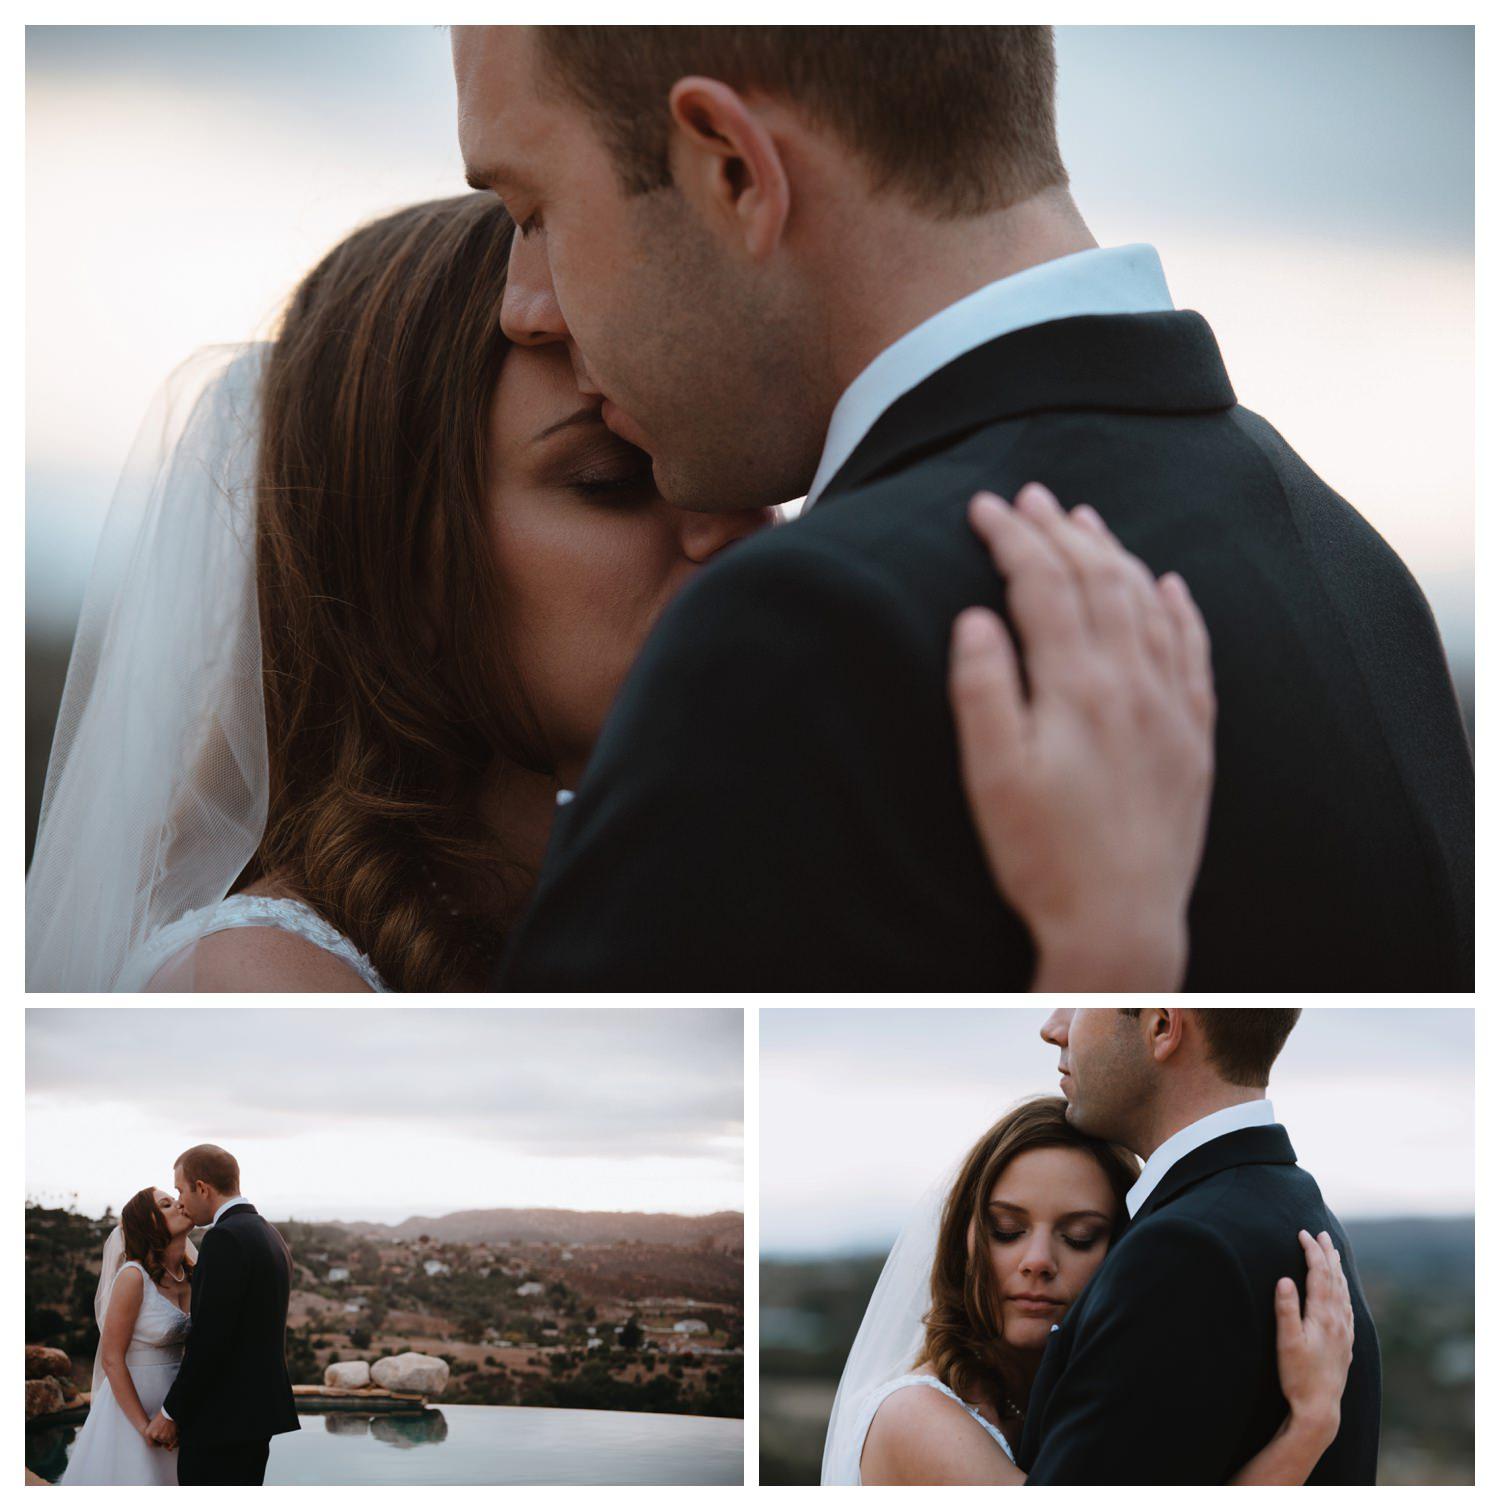 TheSinglers_WeddingPhotography_FallbrookWedding_0135.jpg